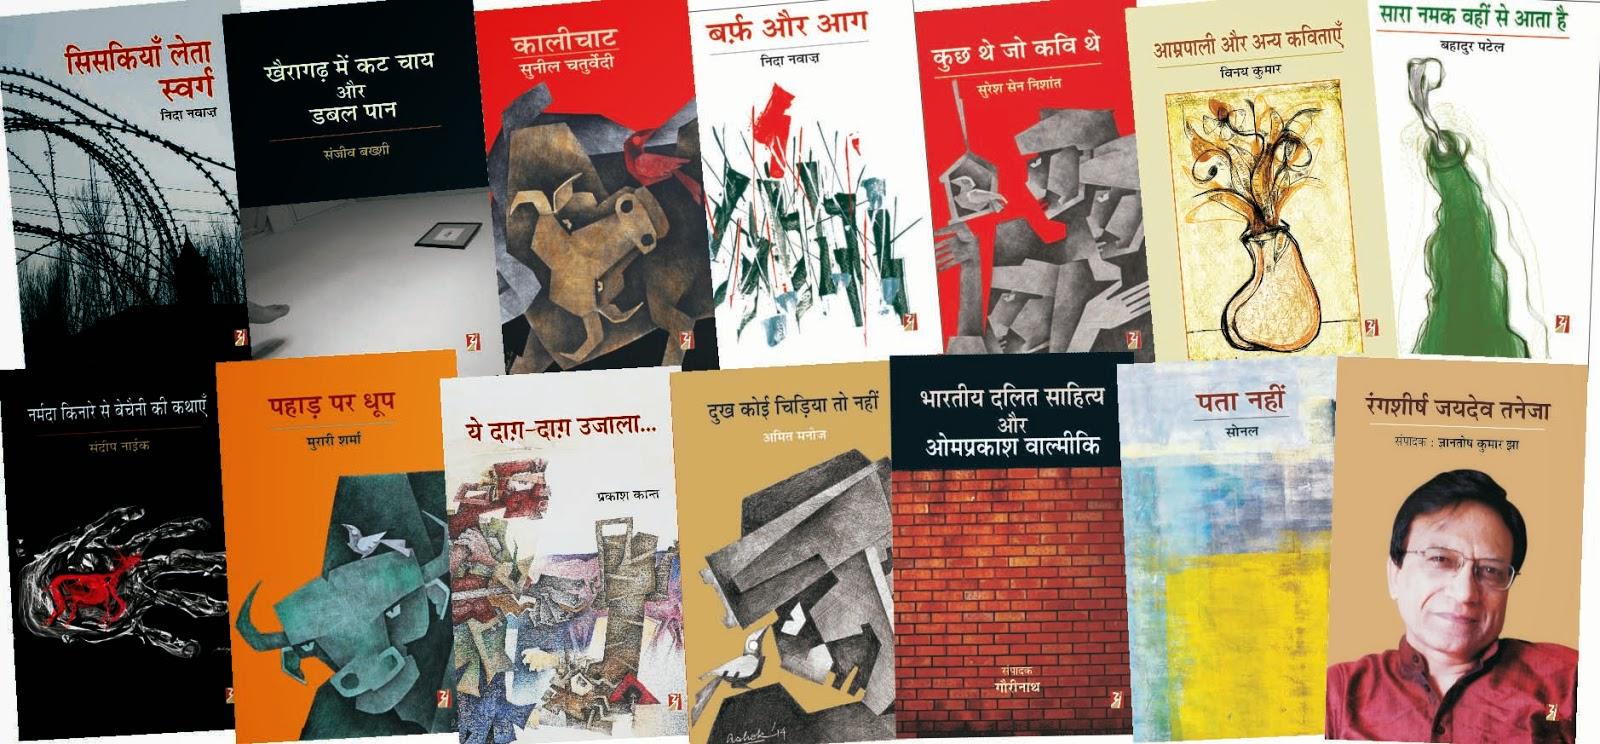 विश्व पुस्तक मेला 2015 में अंतिका प्रकाशन से जारी होने वाली पुस्तकें